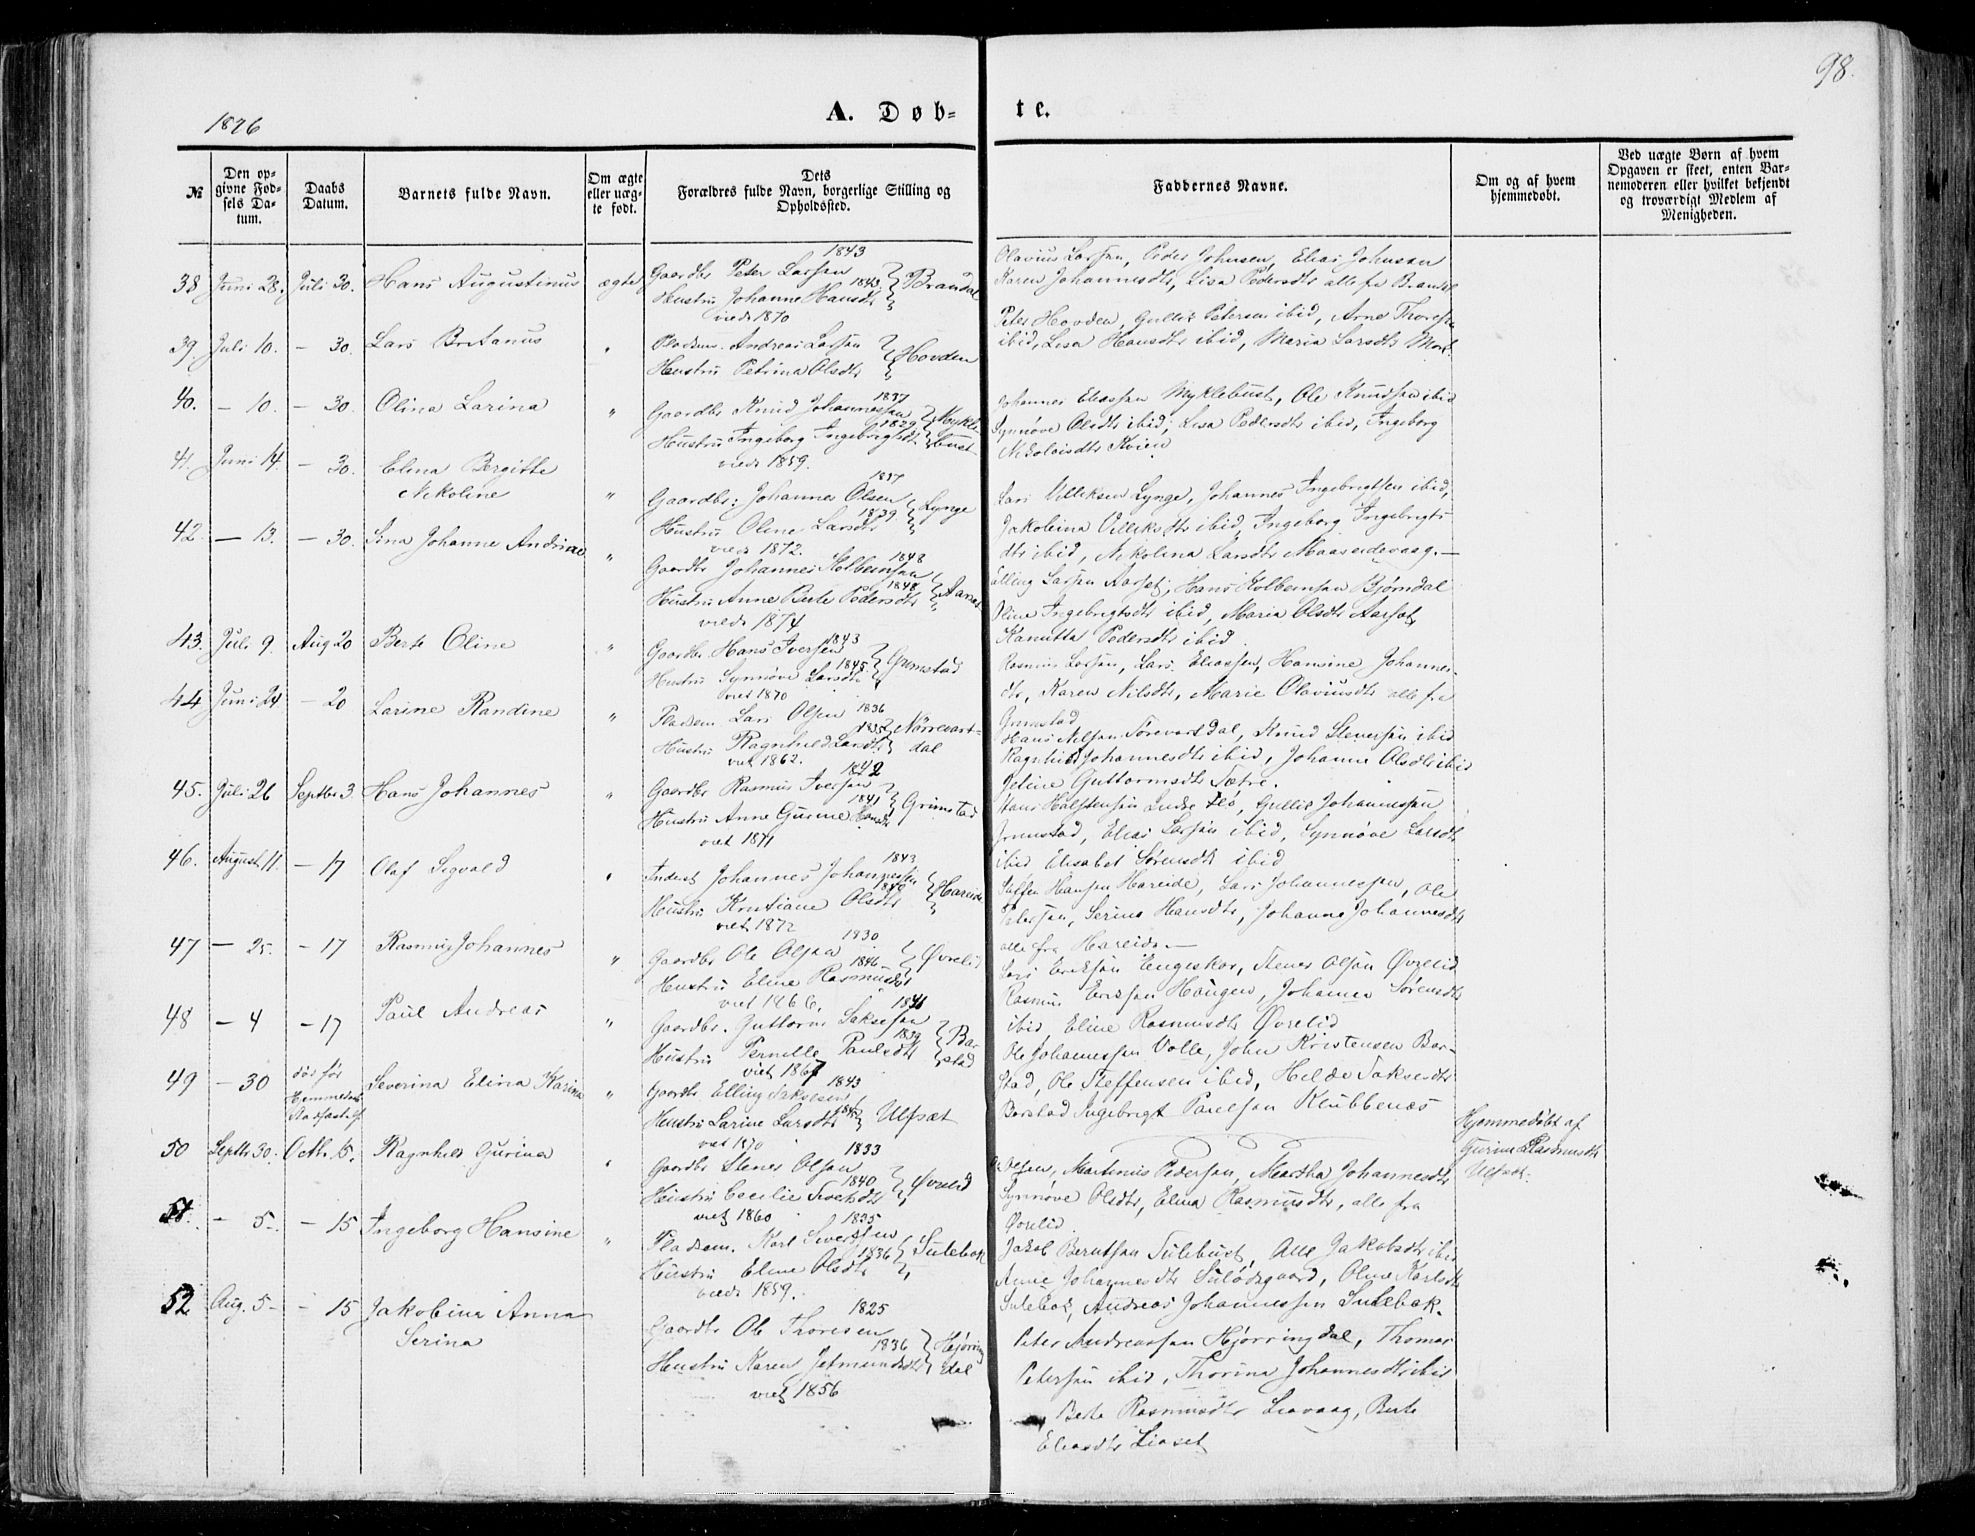 SAT, Ministerialprotokoller, klokkerbøker og fødselsregistre - Møre og Romsdal, 510/L0121: Ministerialbok nr. 510A01, 1848-1877, s. 98